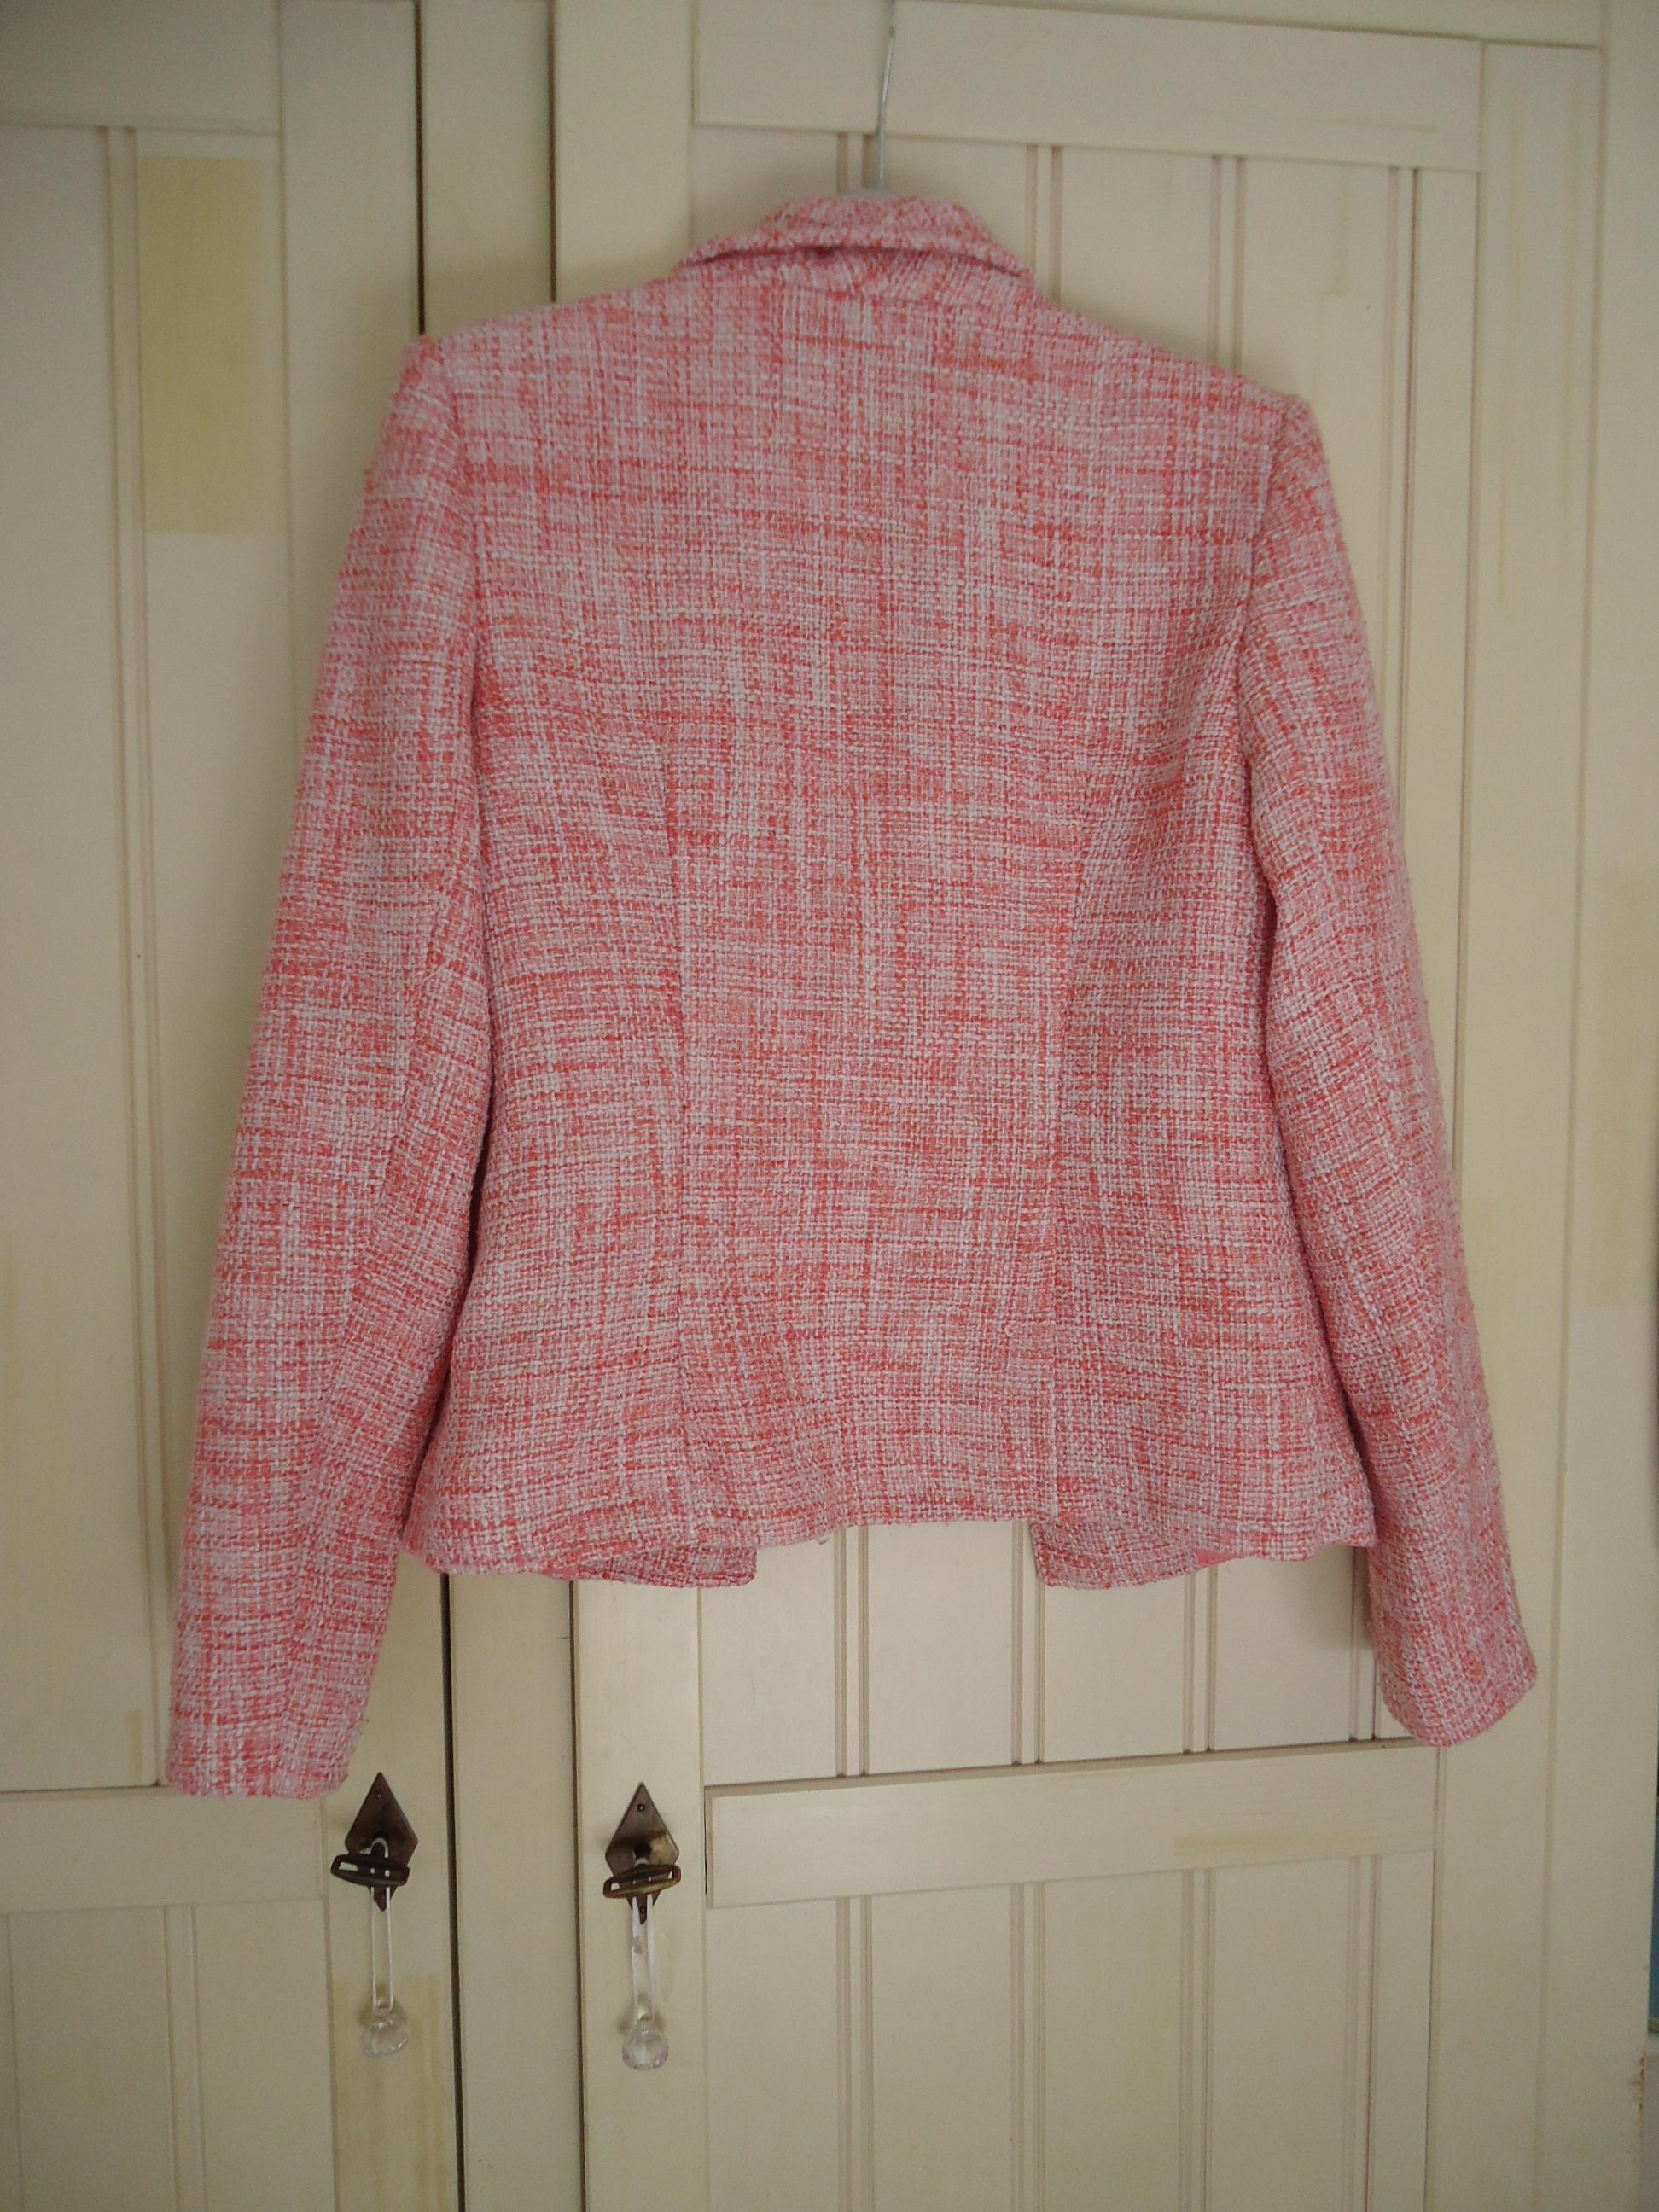 troc de troc veste tailleur rose chinée taille 38 image 1